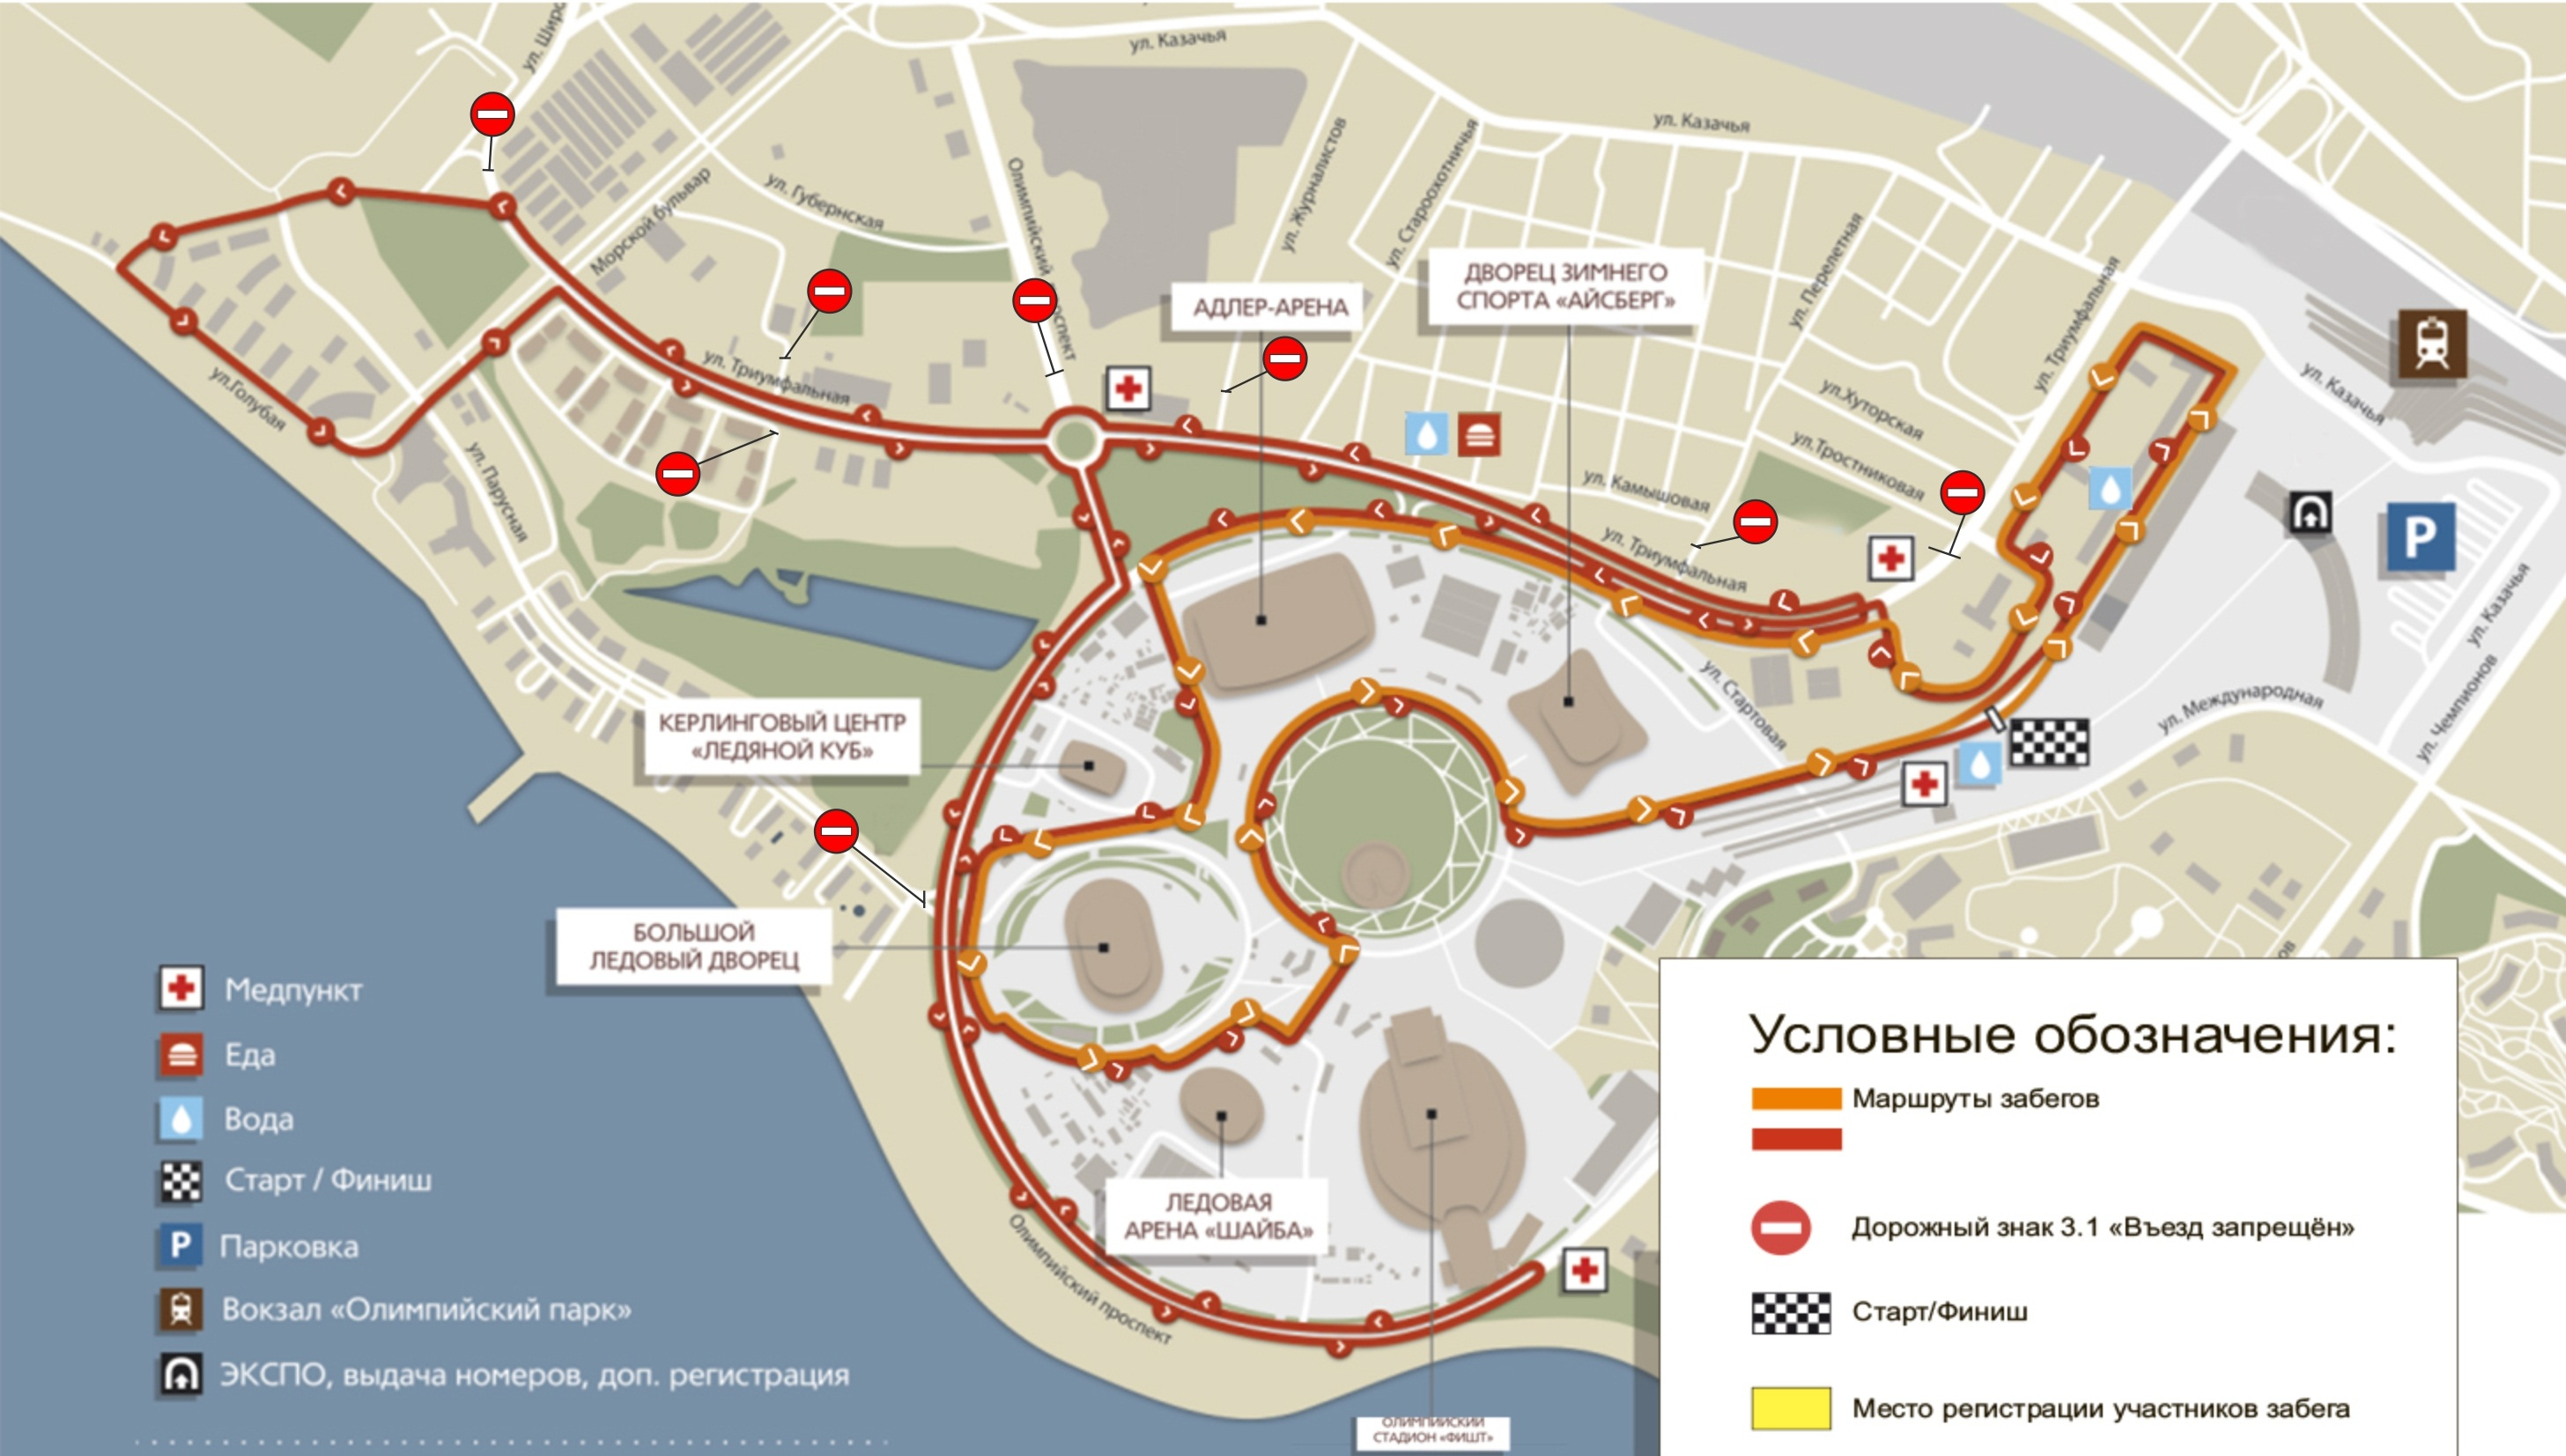 Схема олимпийского парка в сочи фото 422